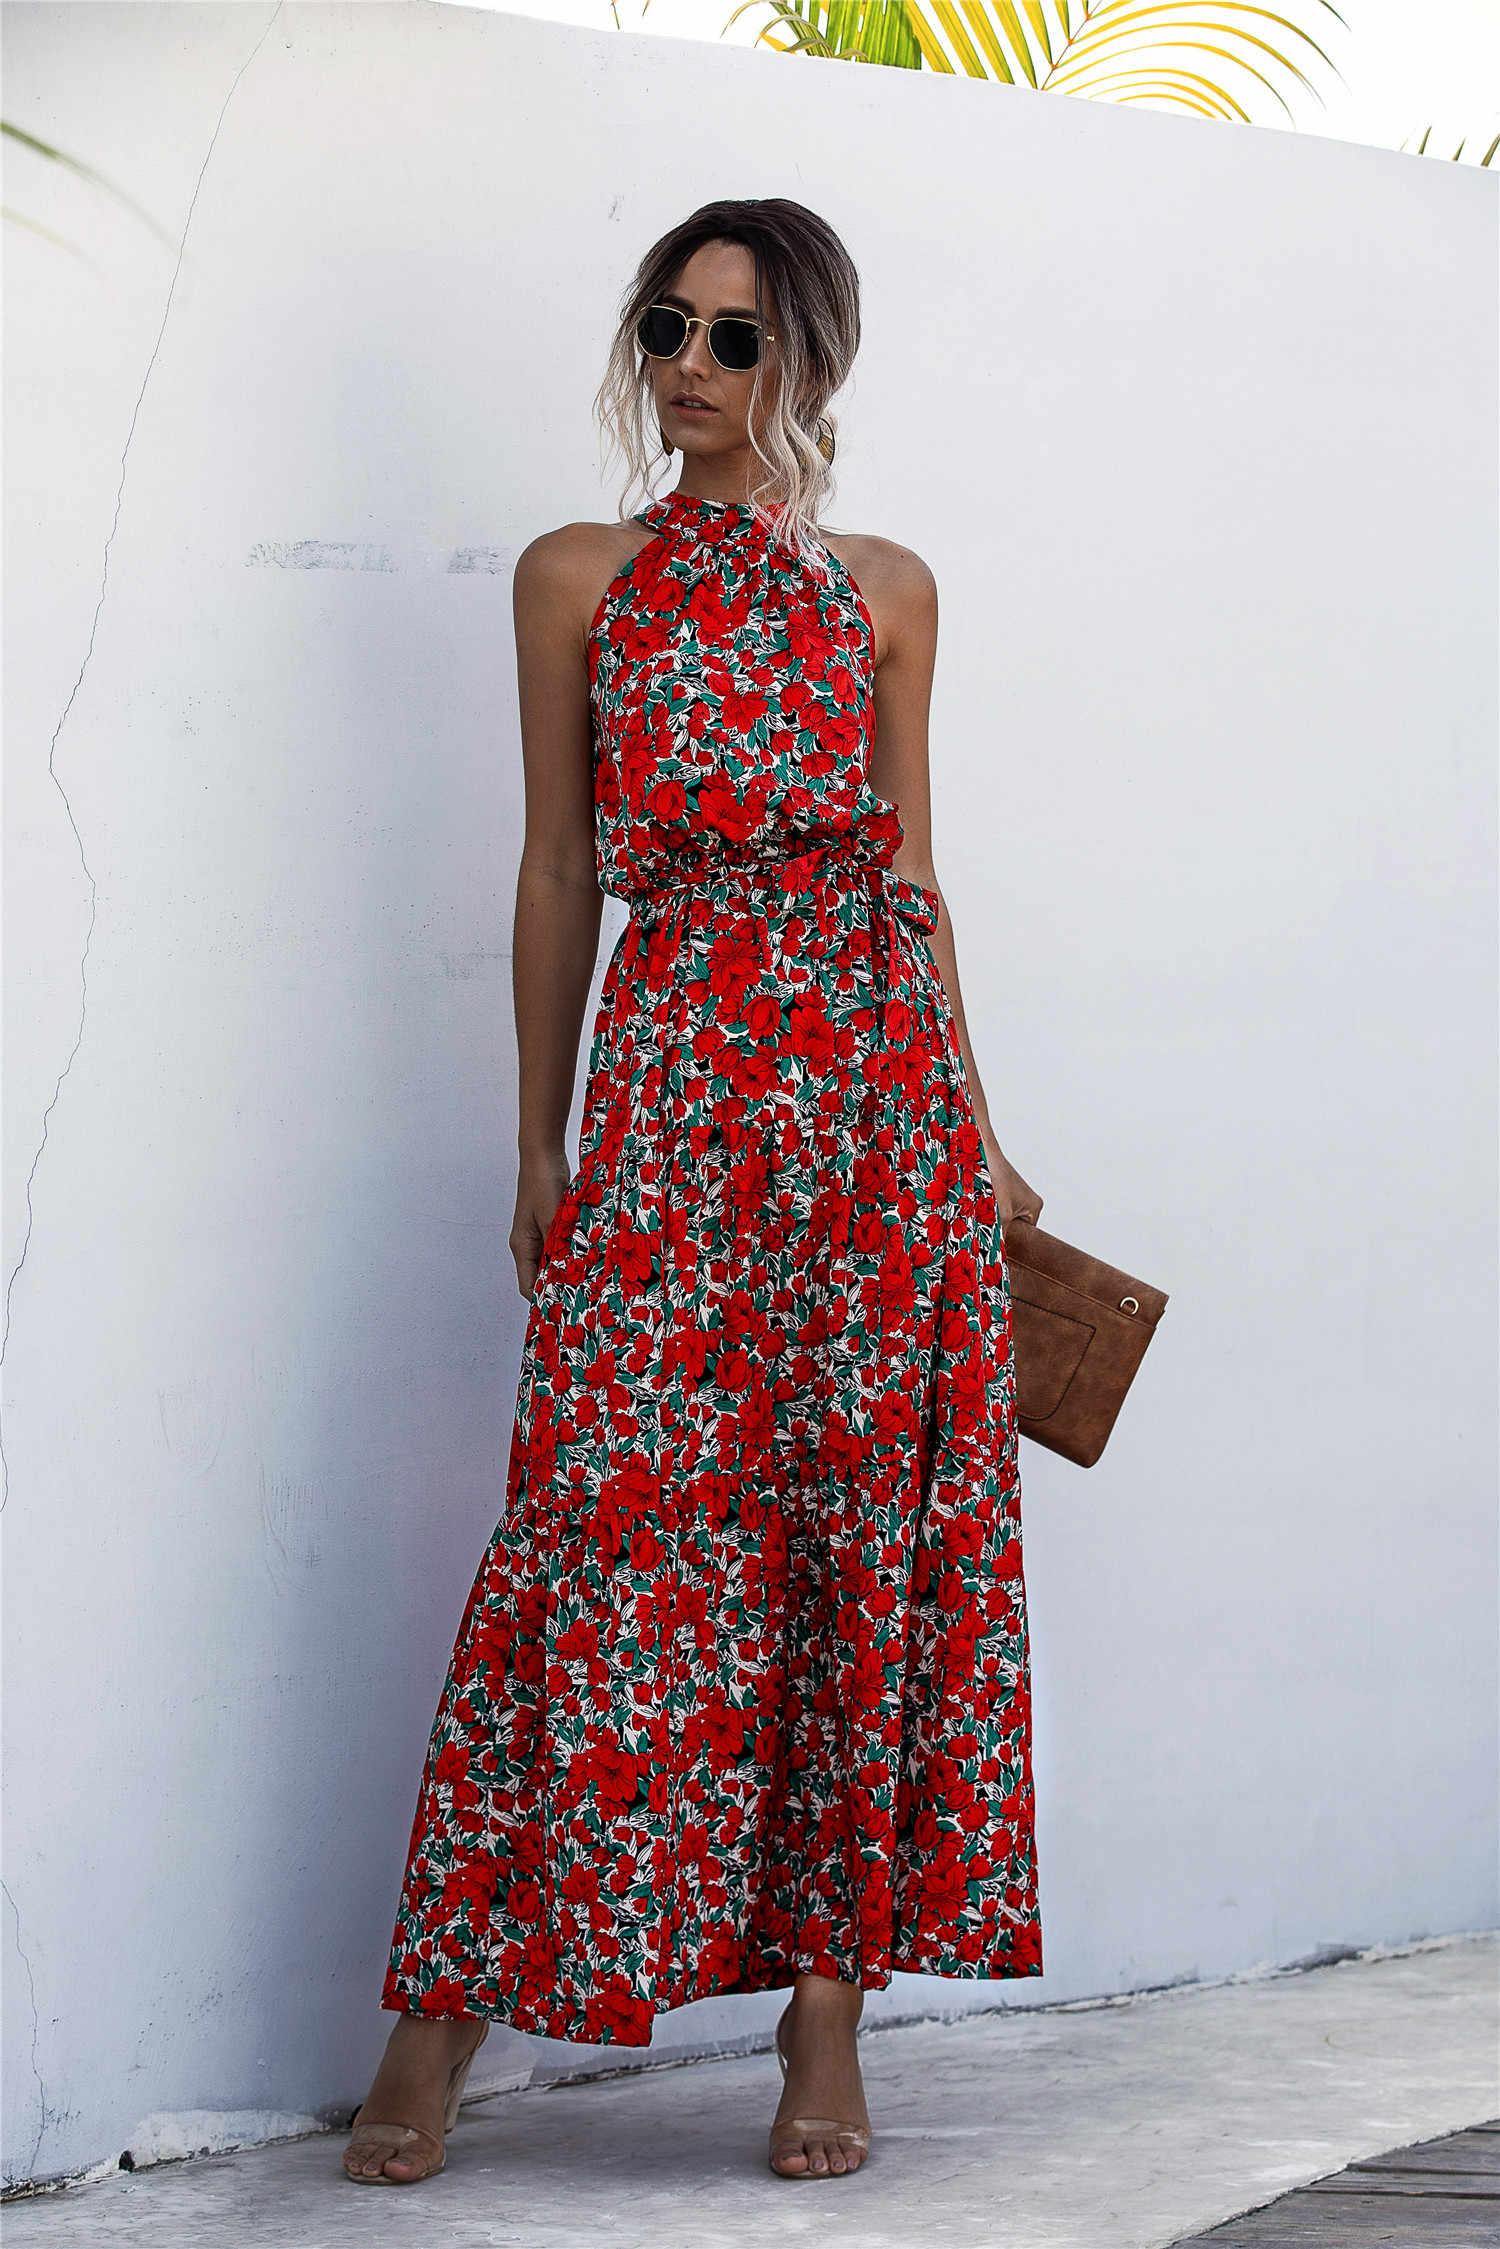 Sommer Elegante Sexy Langes Kleid Frauen 2020 Mode Druck Blumen Polka-dot Strap Damen Halter Boho Kleid Baumwolle Vestidos kleidung